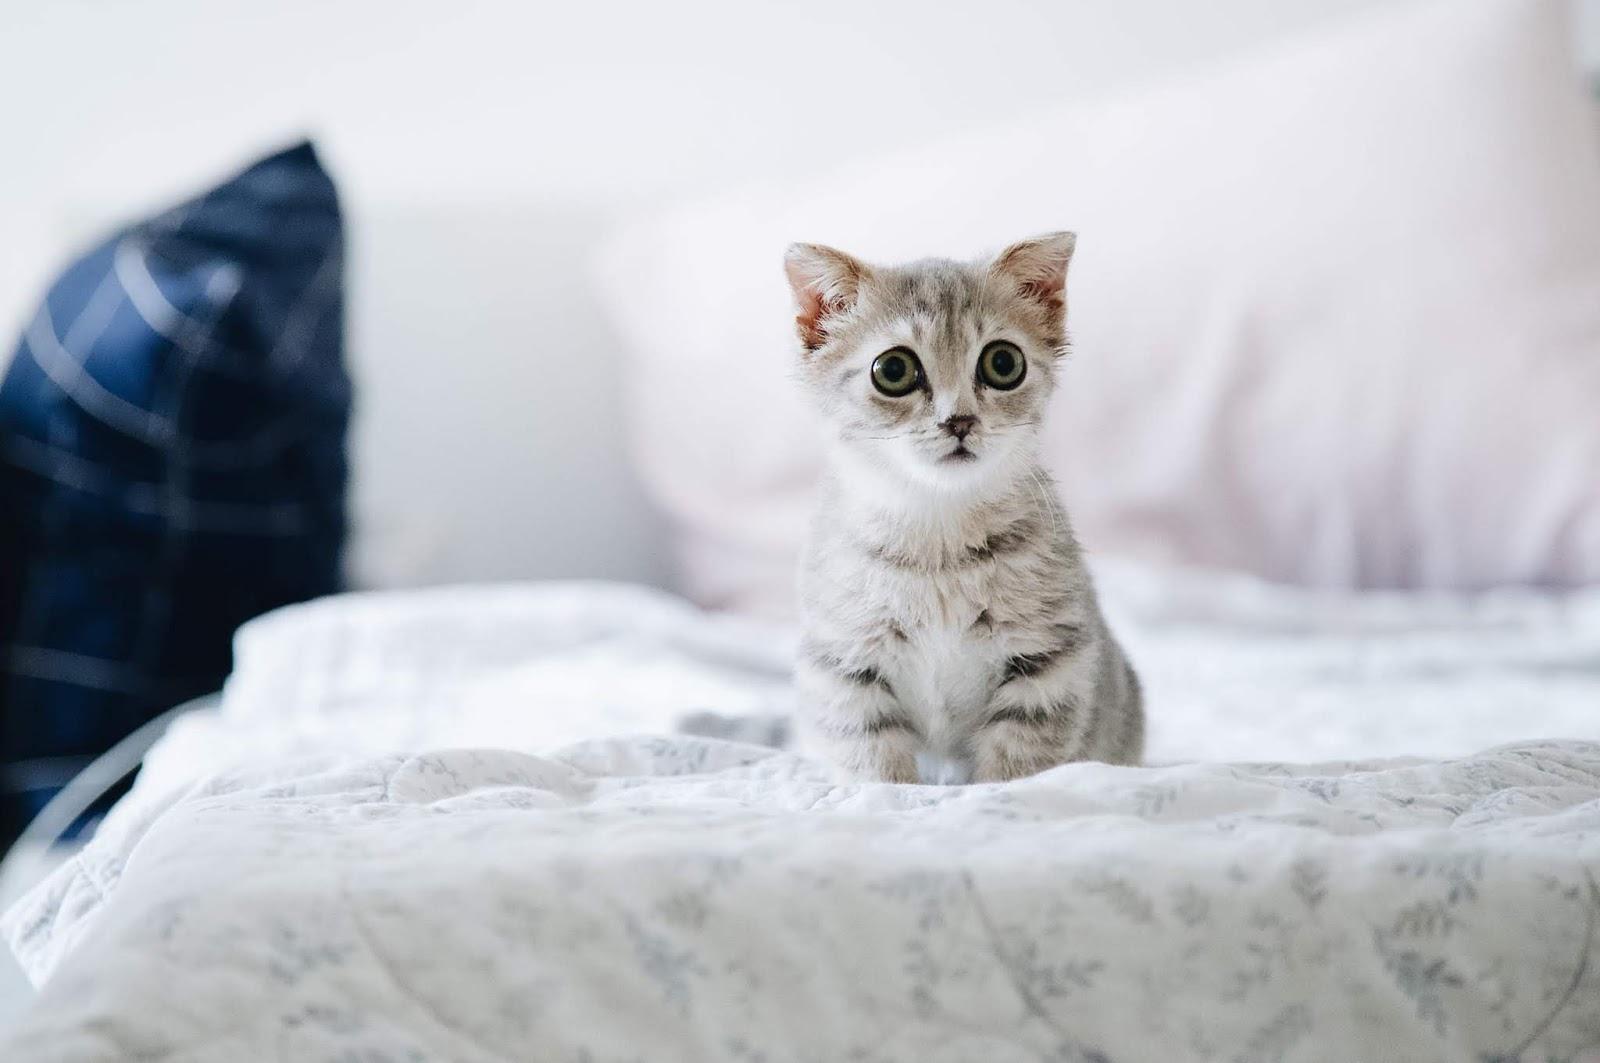 Anak Kucing Dimakan Oleh Ibunya Punca Dan Teori Mengikut